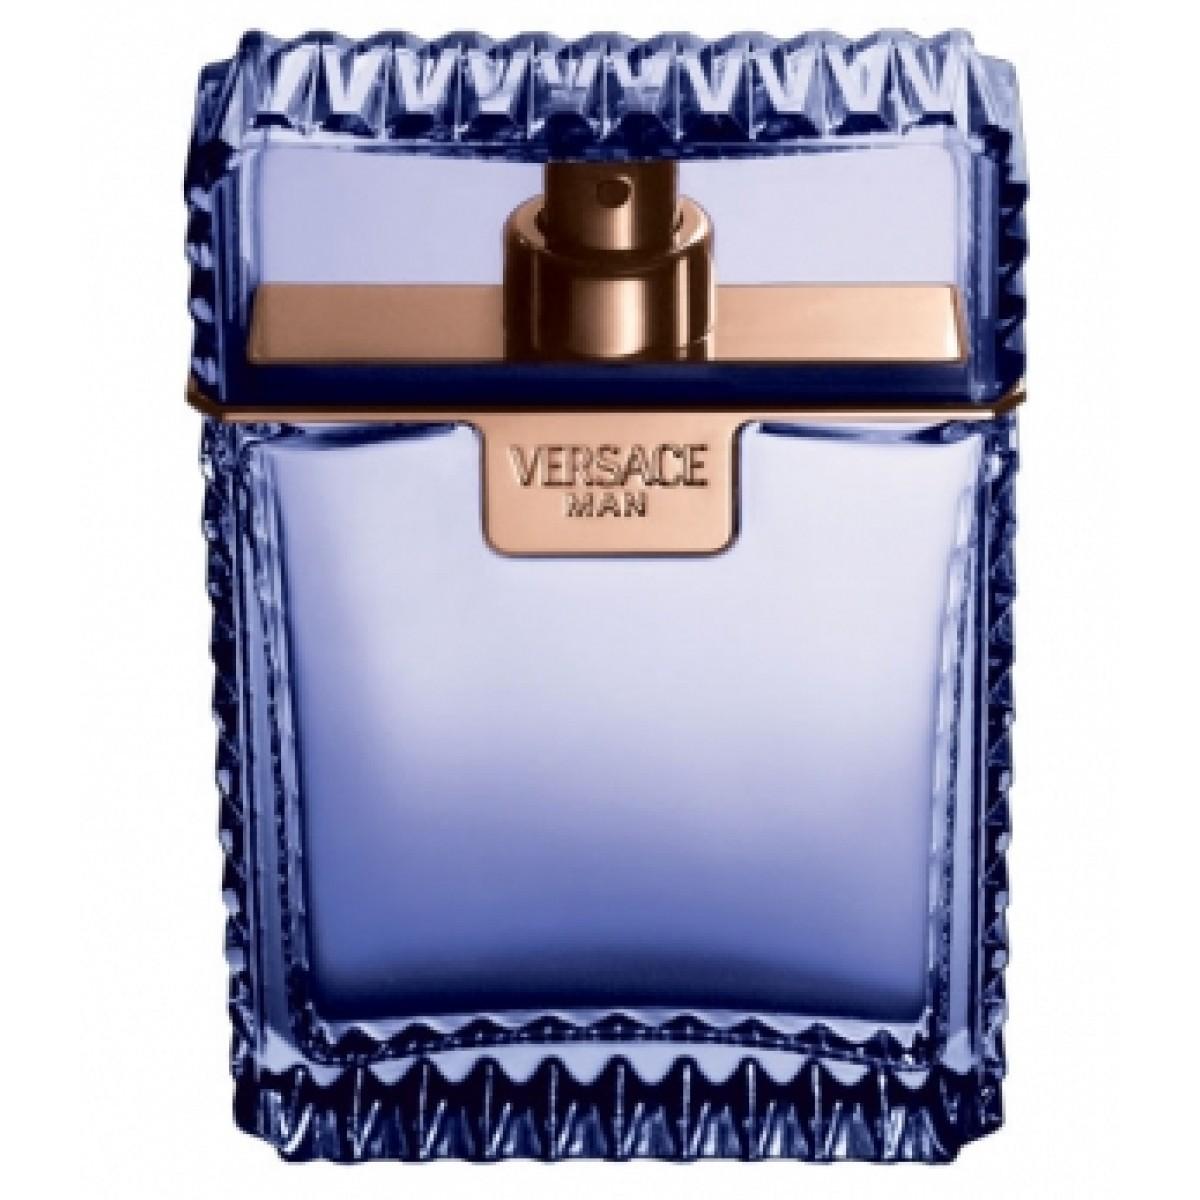 Versace Man аромат для мужчин